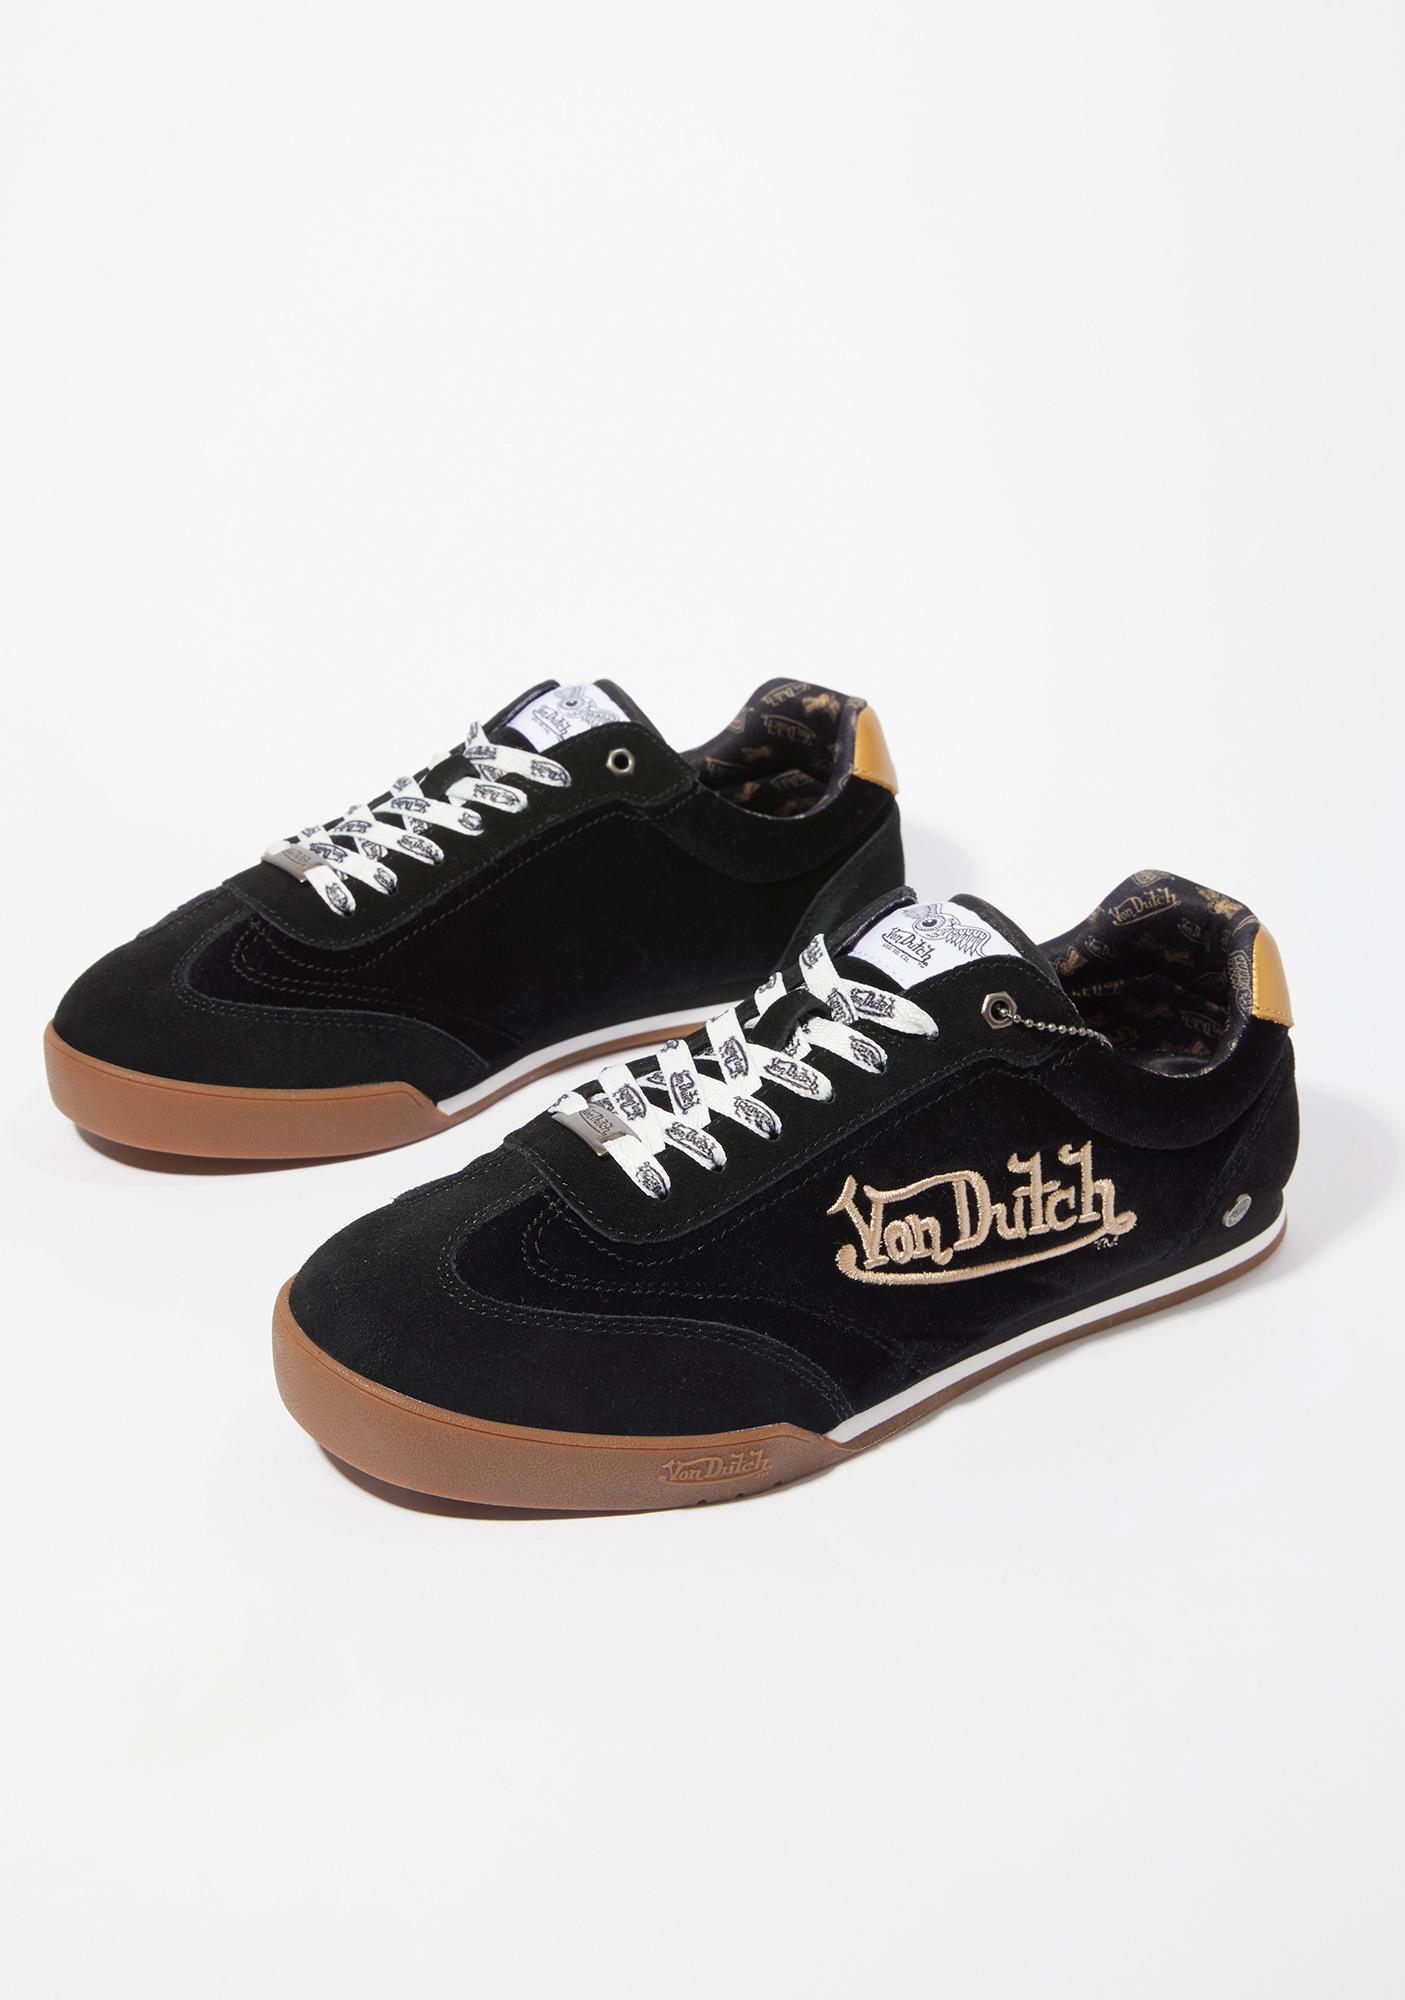 Von Dutch Black Vanderdutch Velvet Sneakers